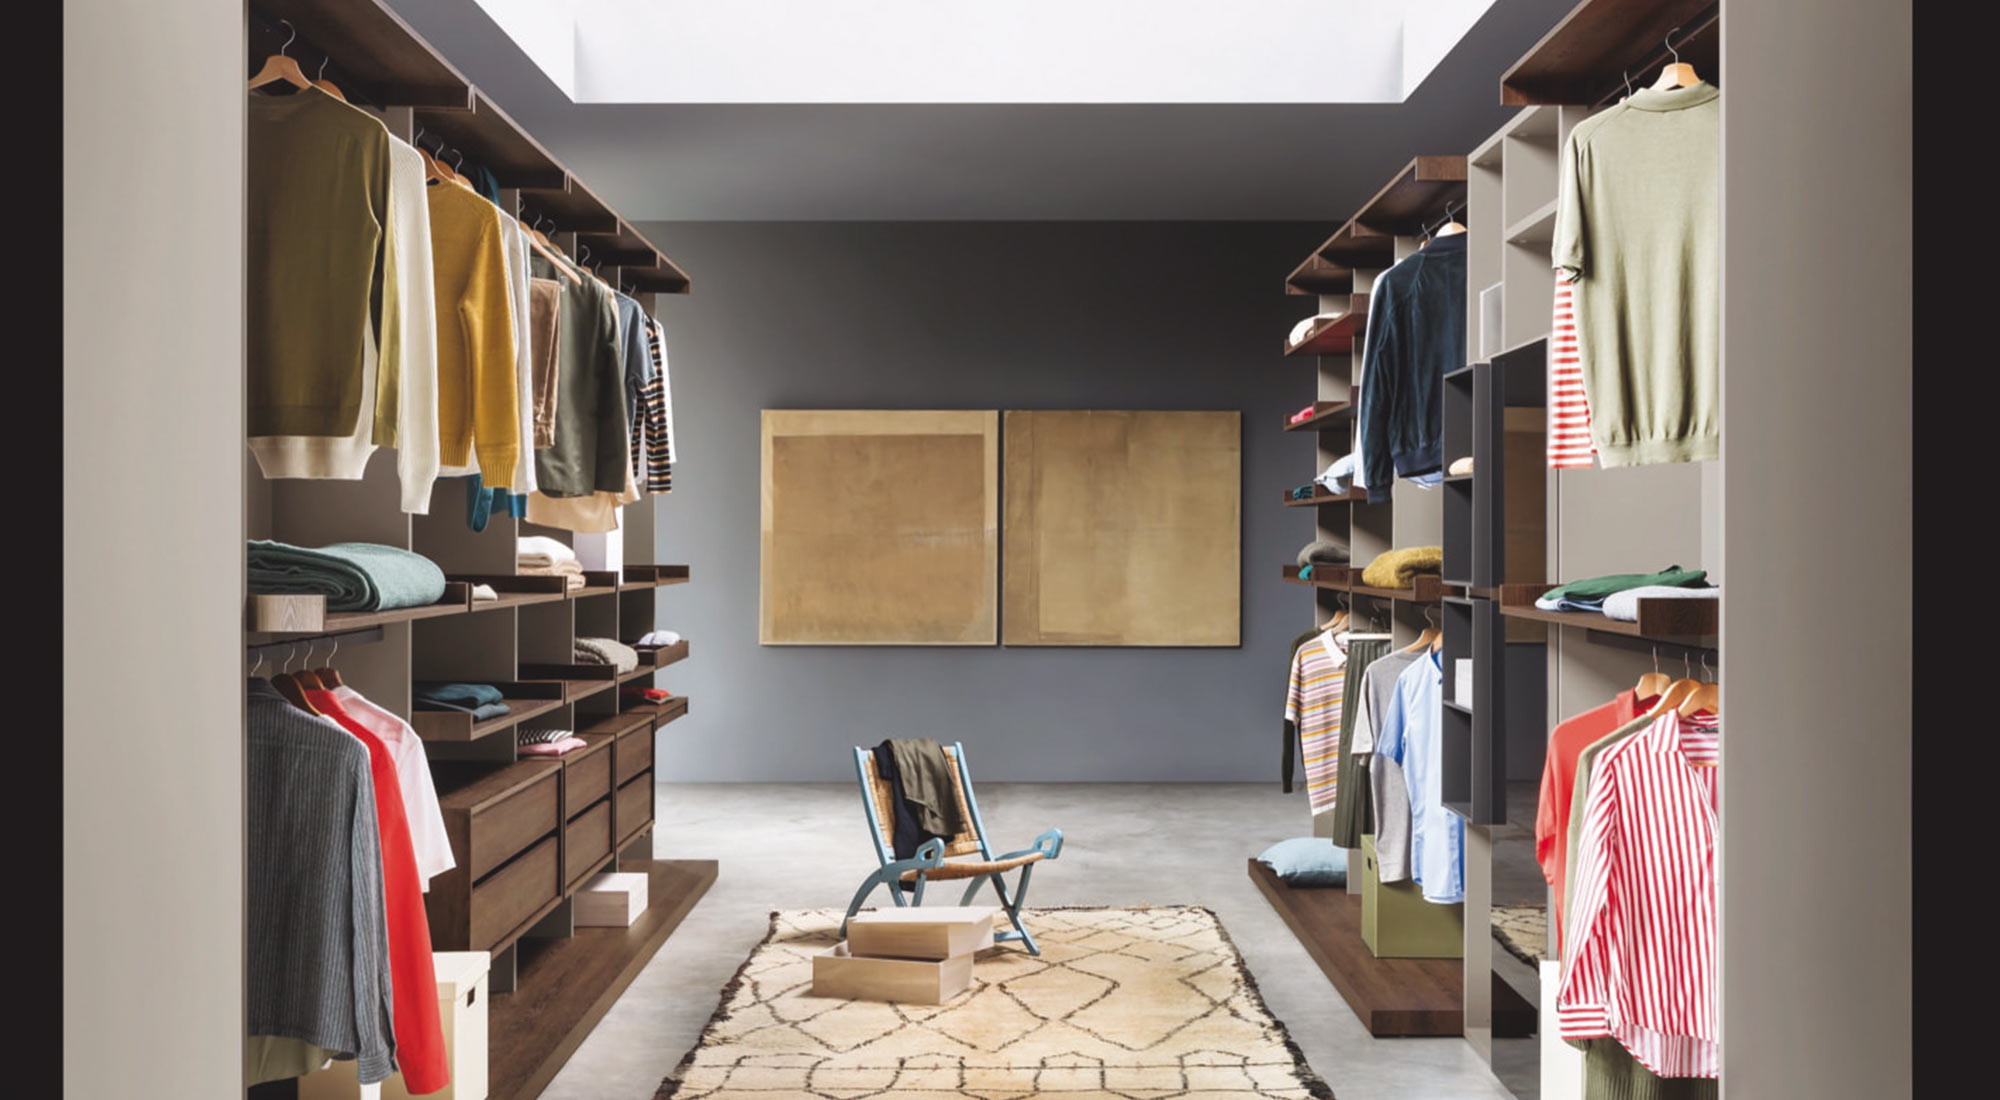 Walk-in wardrobe bedroom design by Hubble